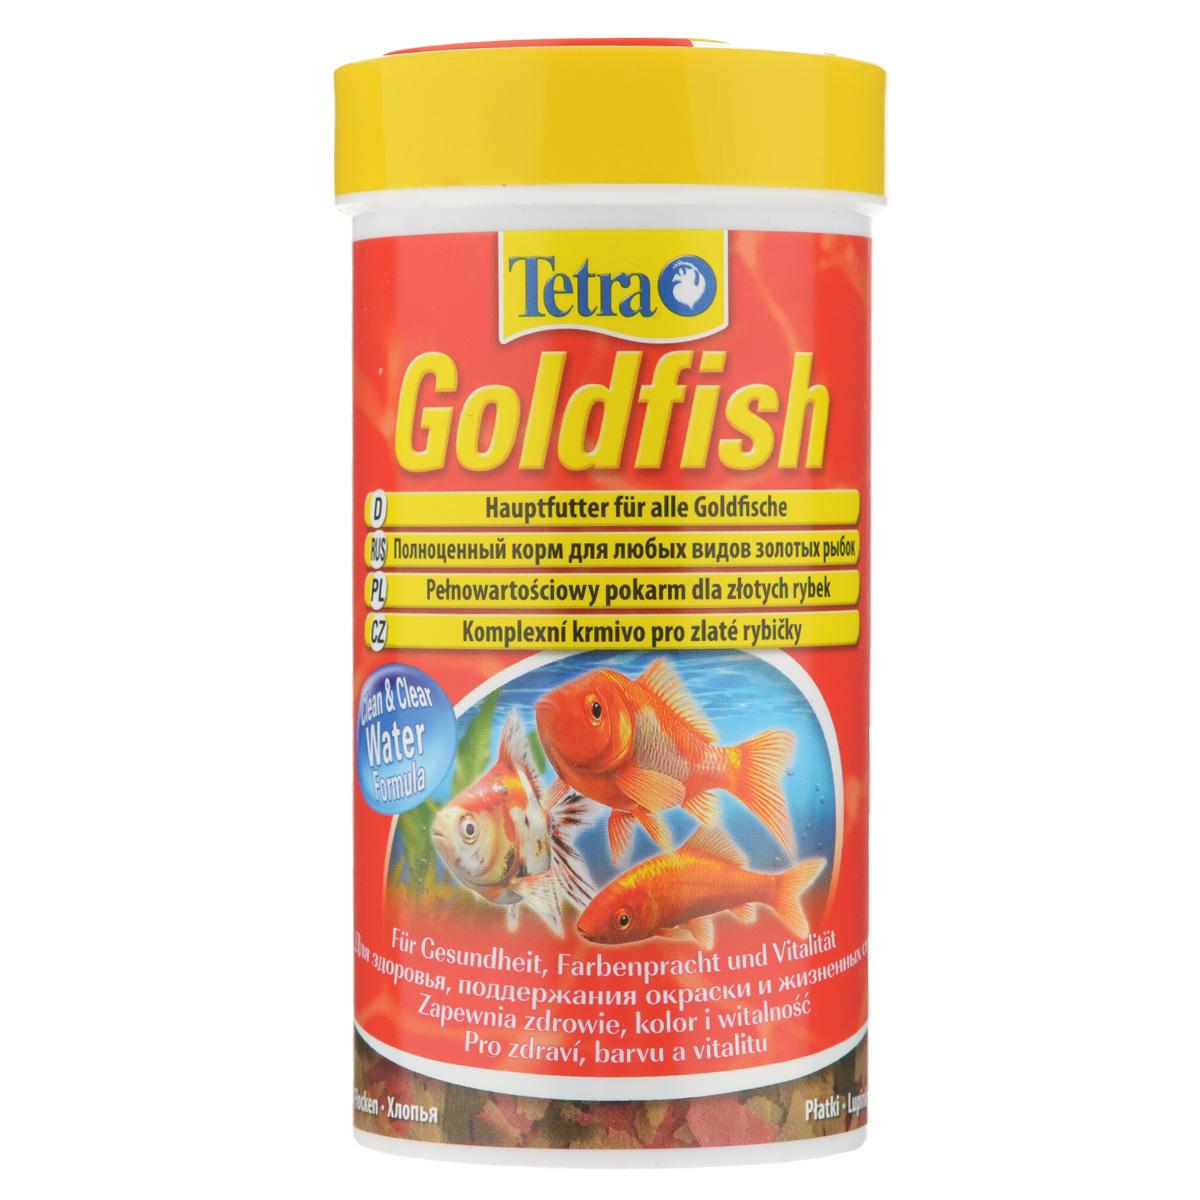 Корм Tetra Goldfish для любых видов золотых рыбок, в виде хлопьев, 250 мл корм tetra goldfish flakes complete food for all goldfish хлопья для всех видов золотых рыбок 1л 204355